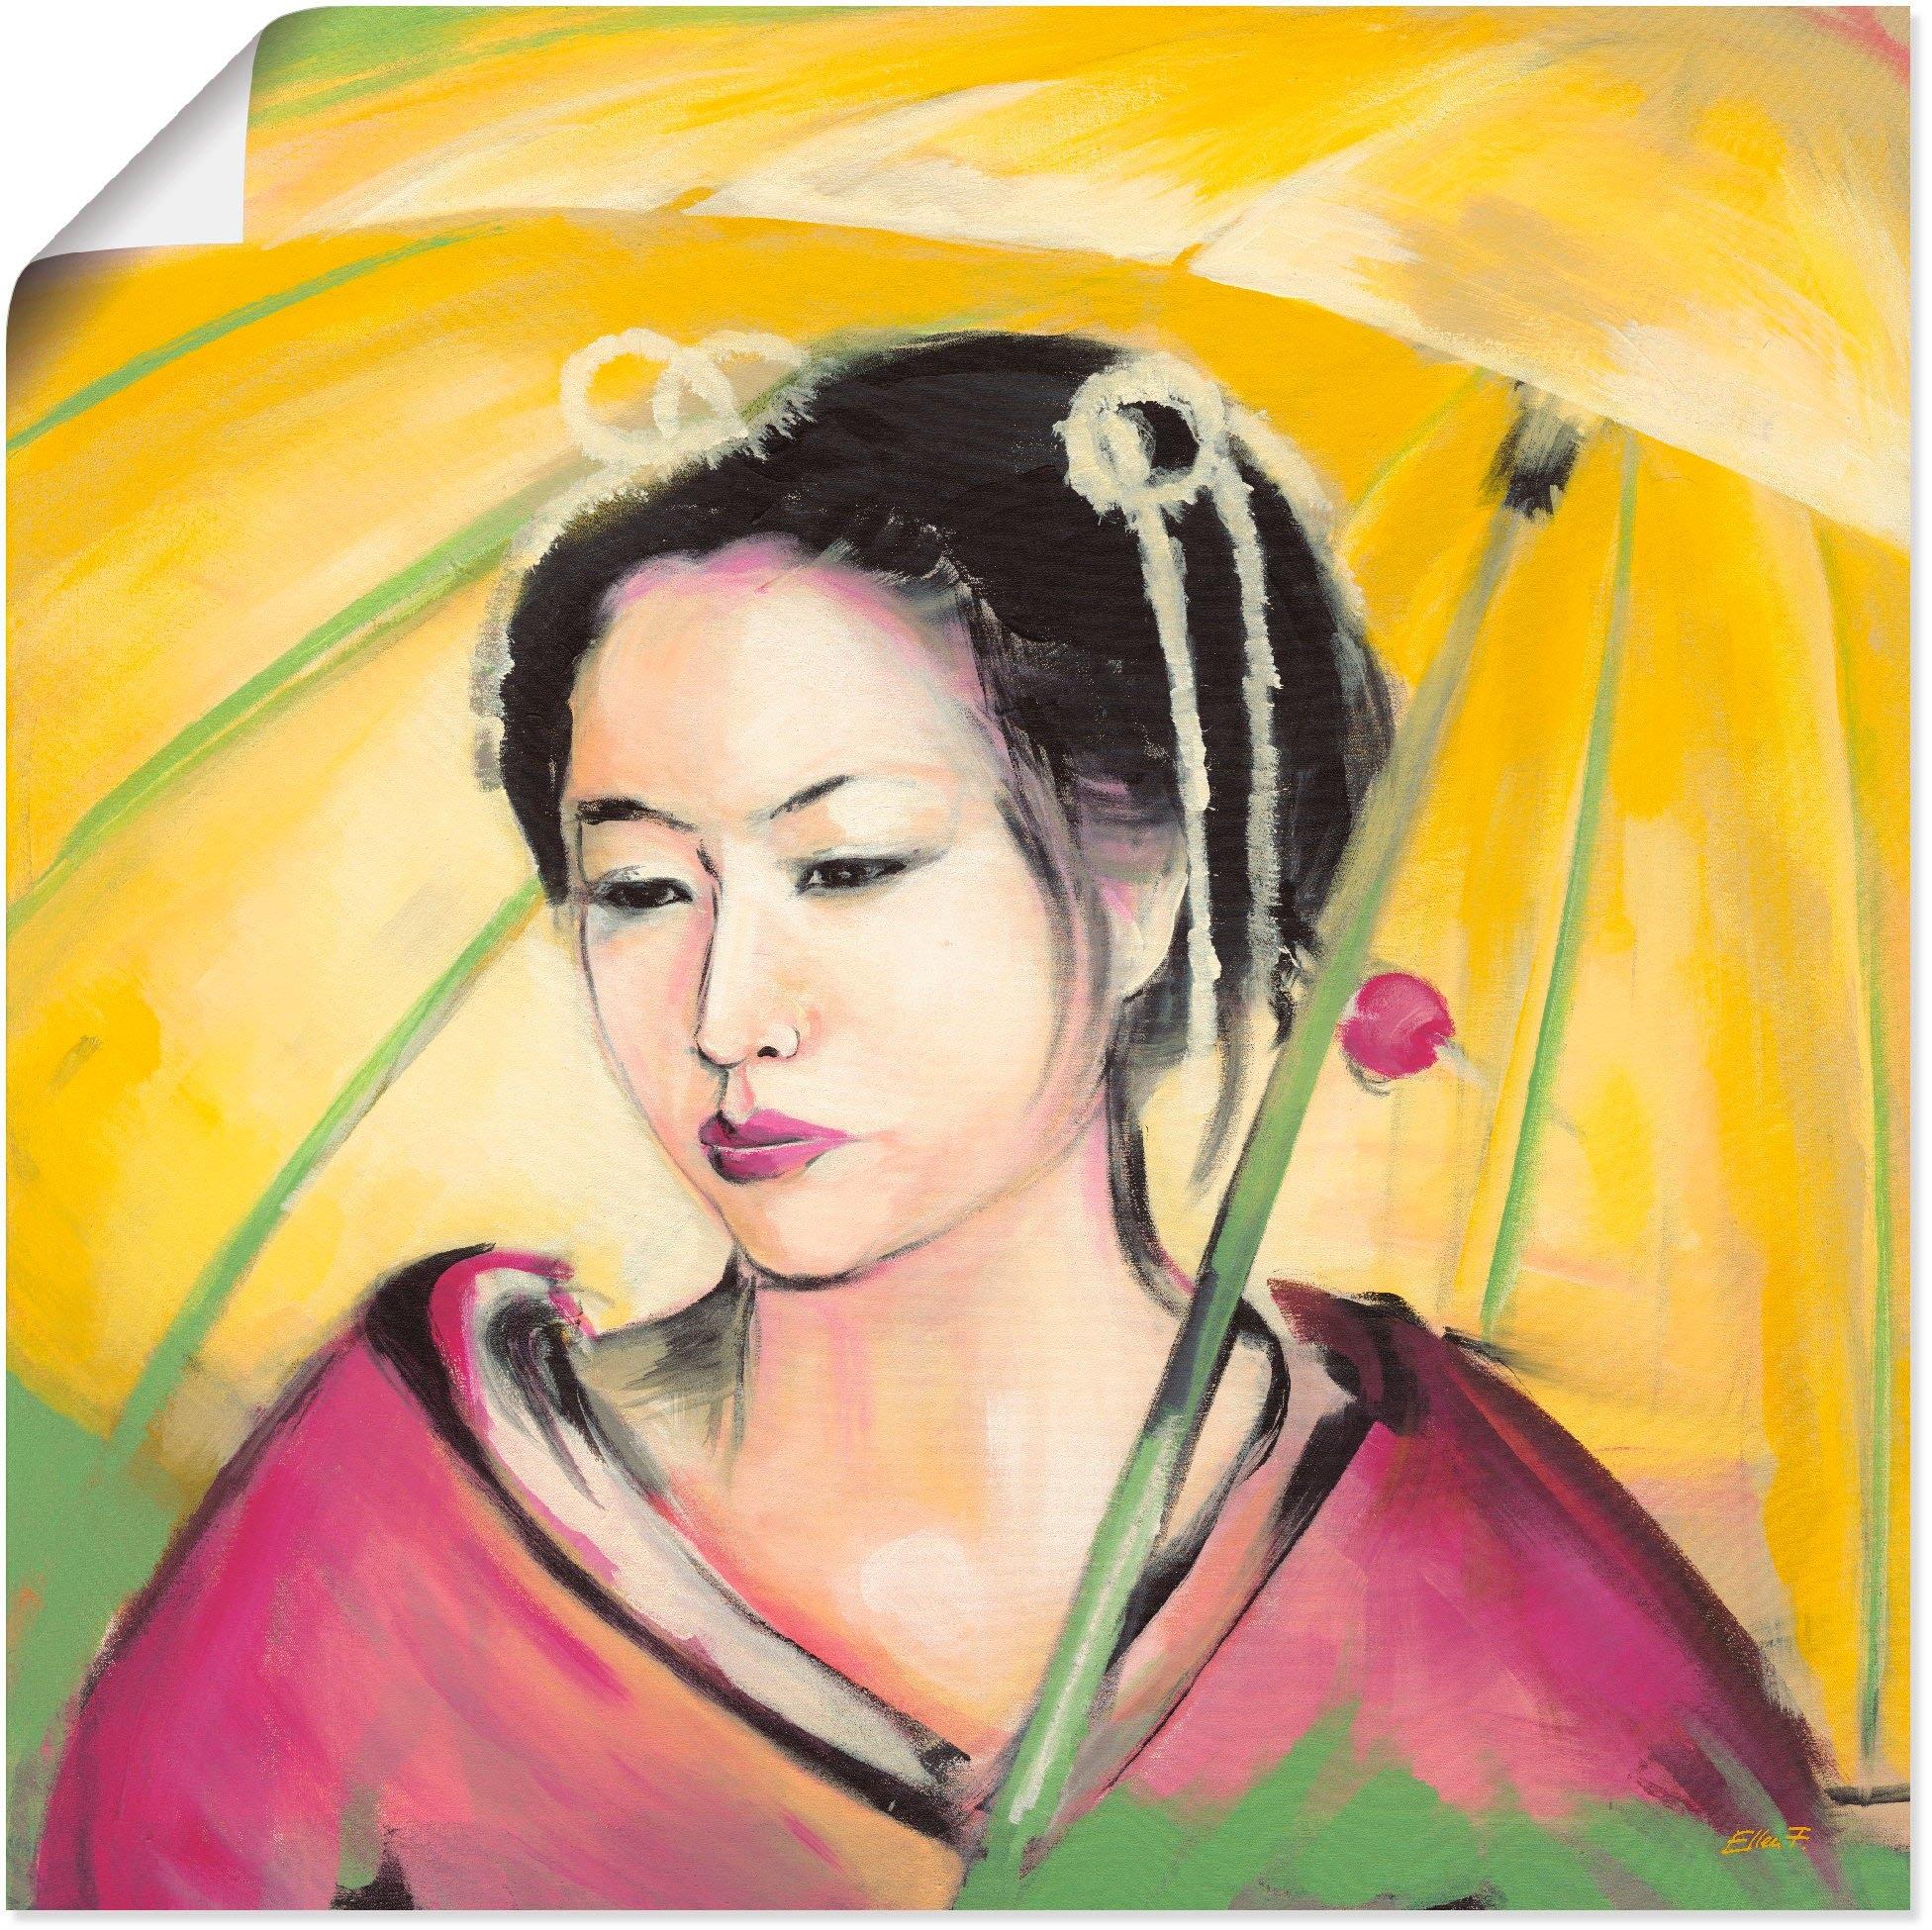 Artland artprint Geisha in vele afmetingen & productsoorten - artprint van aluminium / artprint voor buiten, artprint op linnen, poster, muursticker / wandfolie ook geschikt voor de badkamer (1 stuk) bij OTTO online kopen